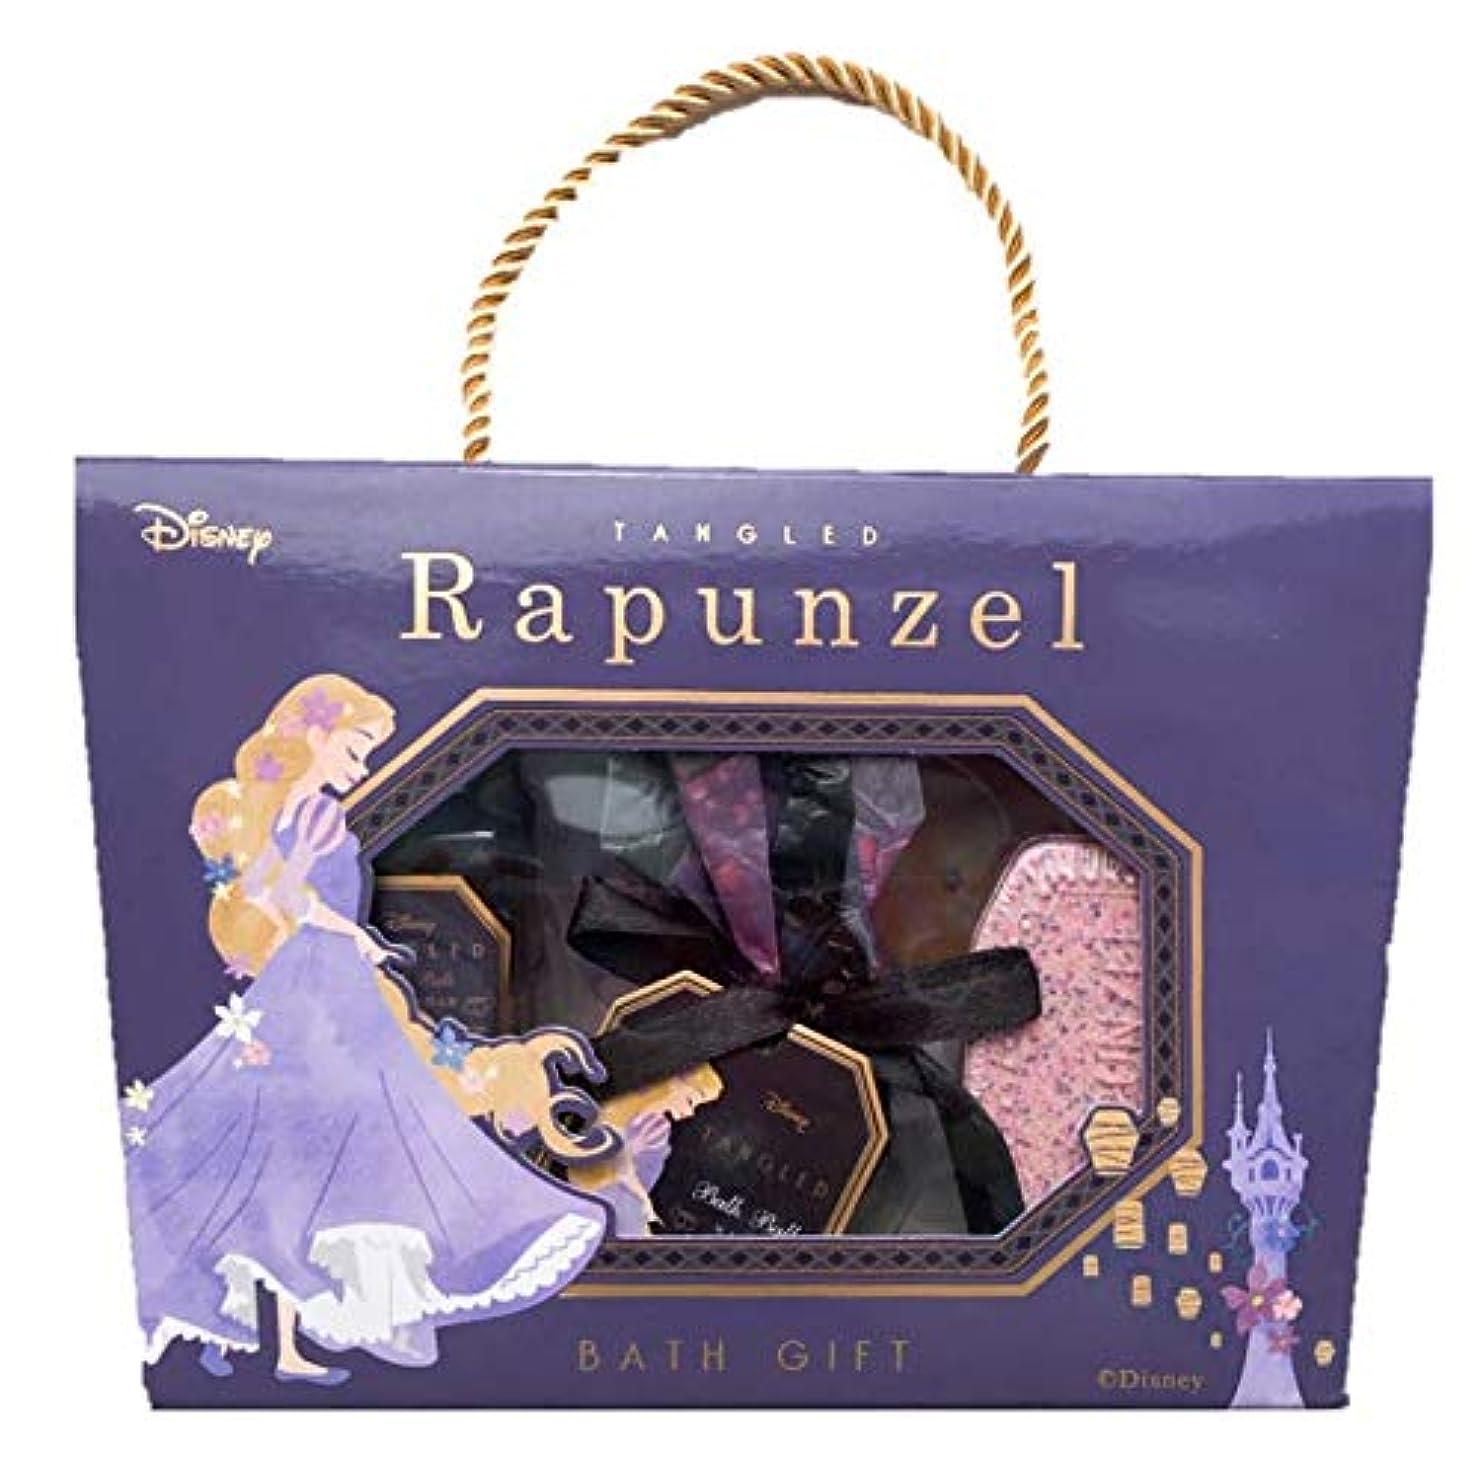 うつディレイ銀行ディズニー(Disney)SHO-BI バスギフトM ギフトセット ラプンツェル ディズニープリンセス 塔の上のラプンツェル 入浴剤 ギフト バスギフトセット プレゼント 大人 女の子 かわいい Rapunzel